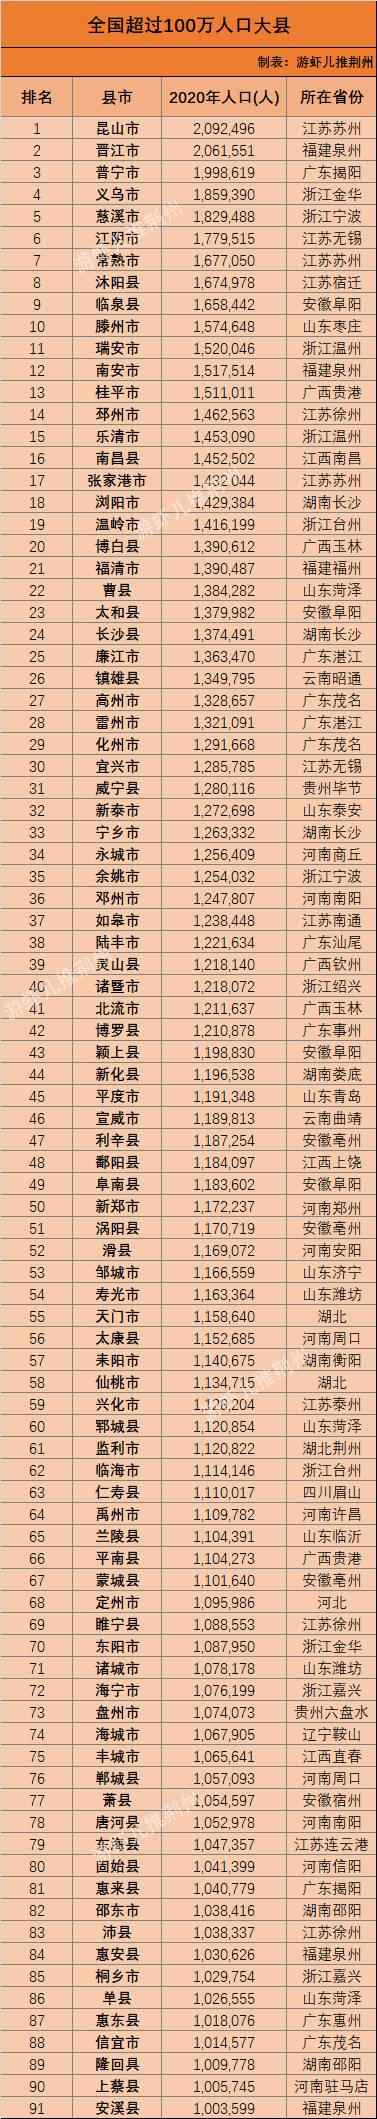 91个县人口超百万,昆山晋江突破200万,江浙粤均有10县以上入榜